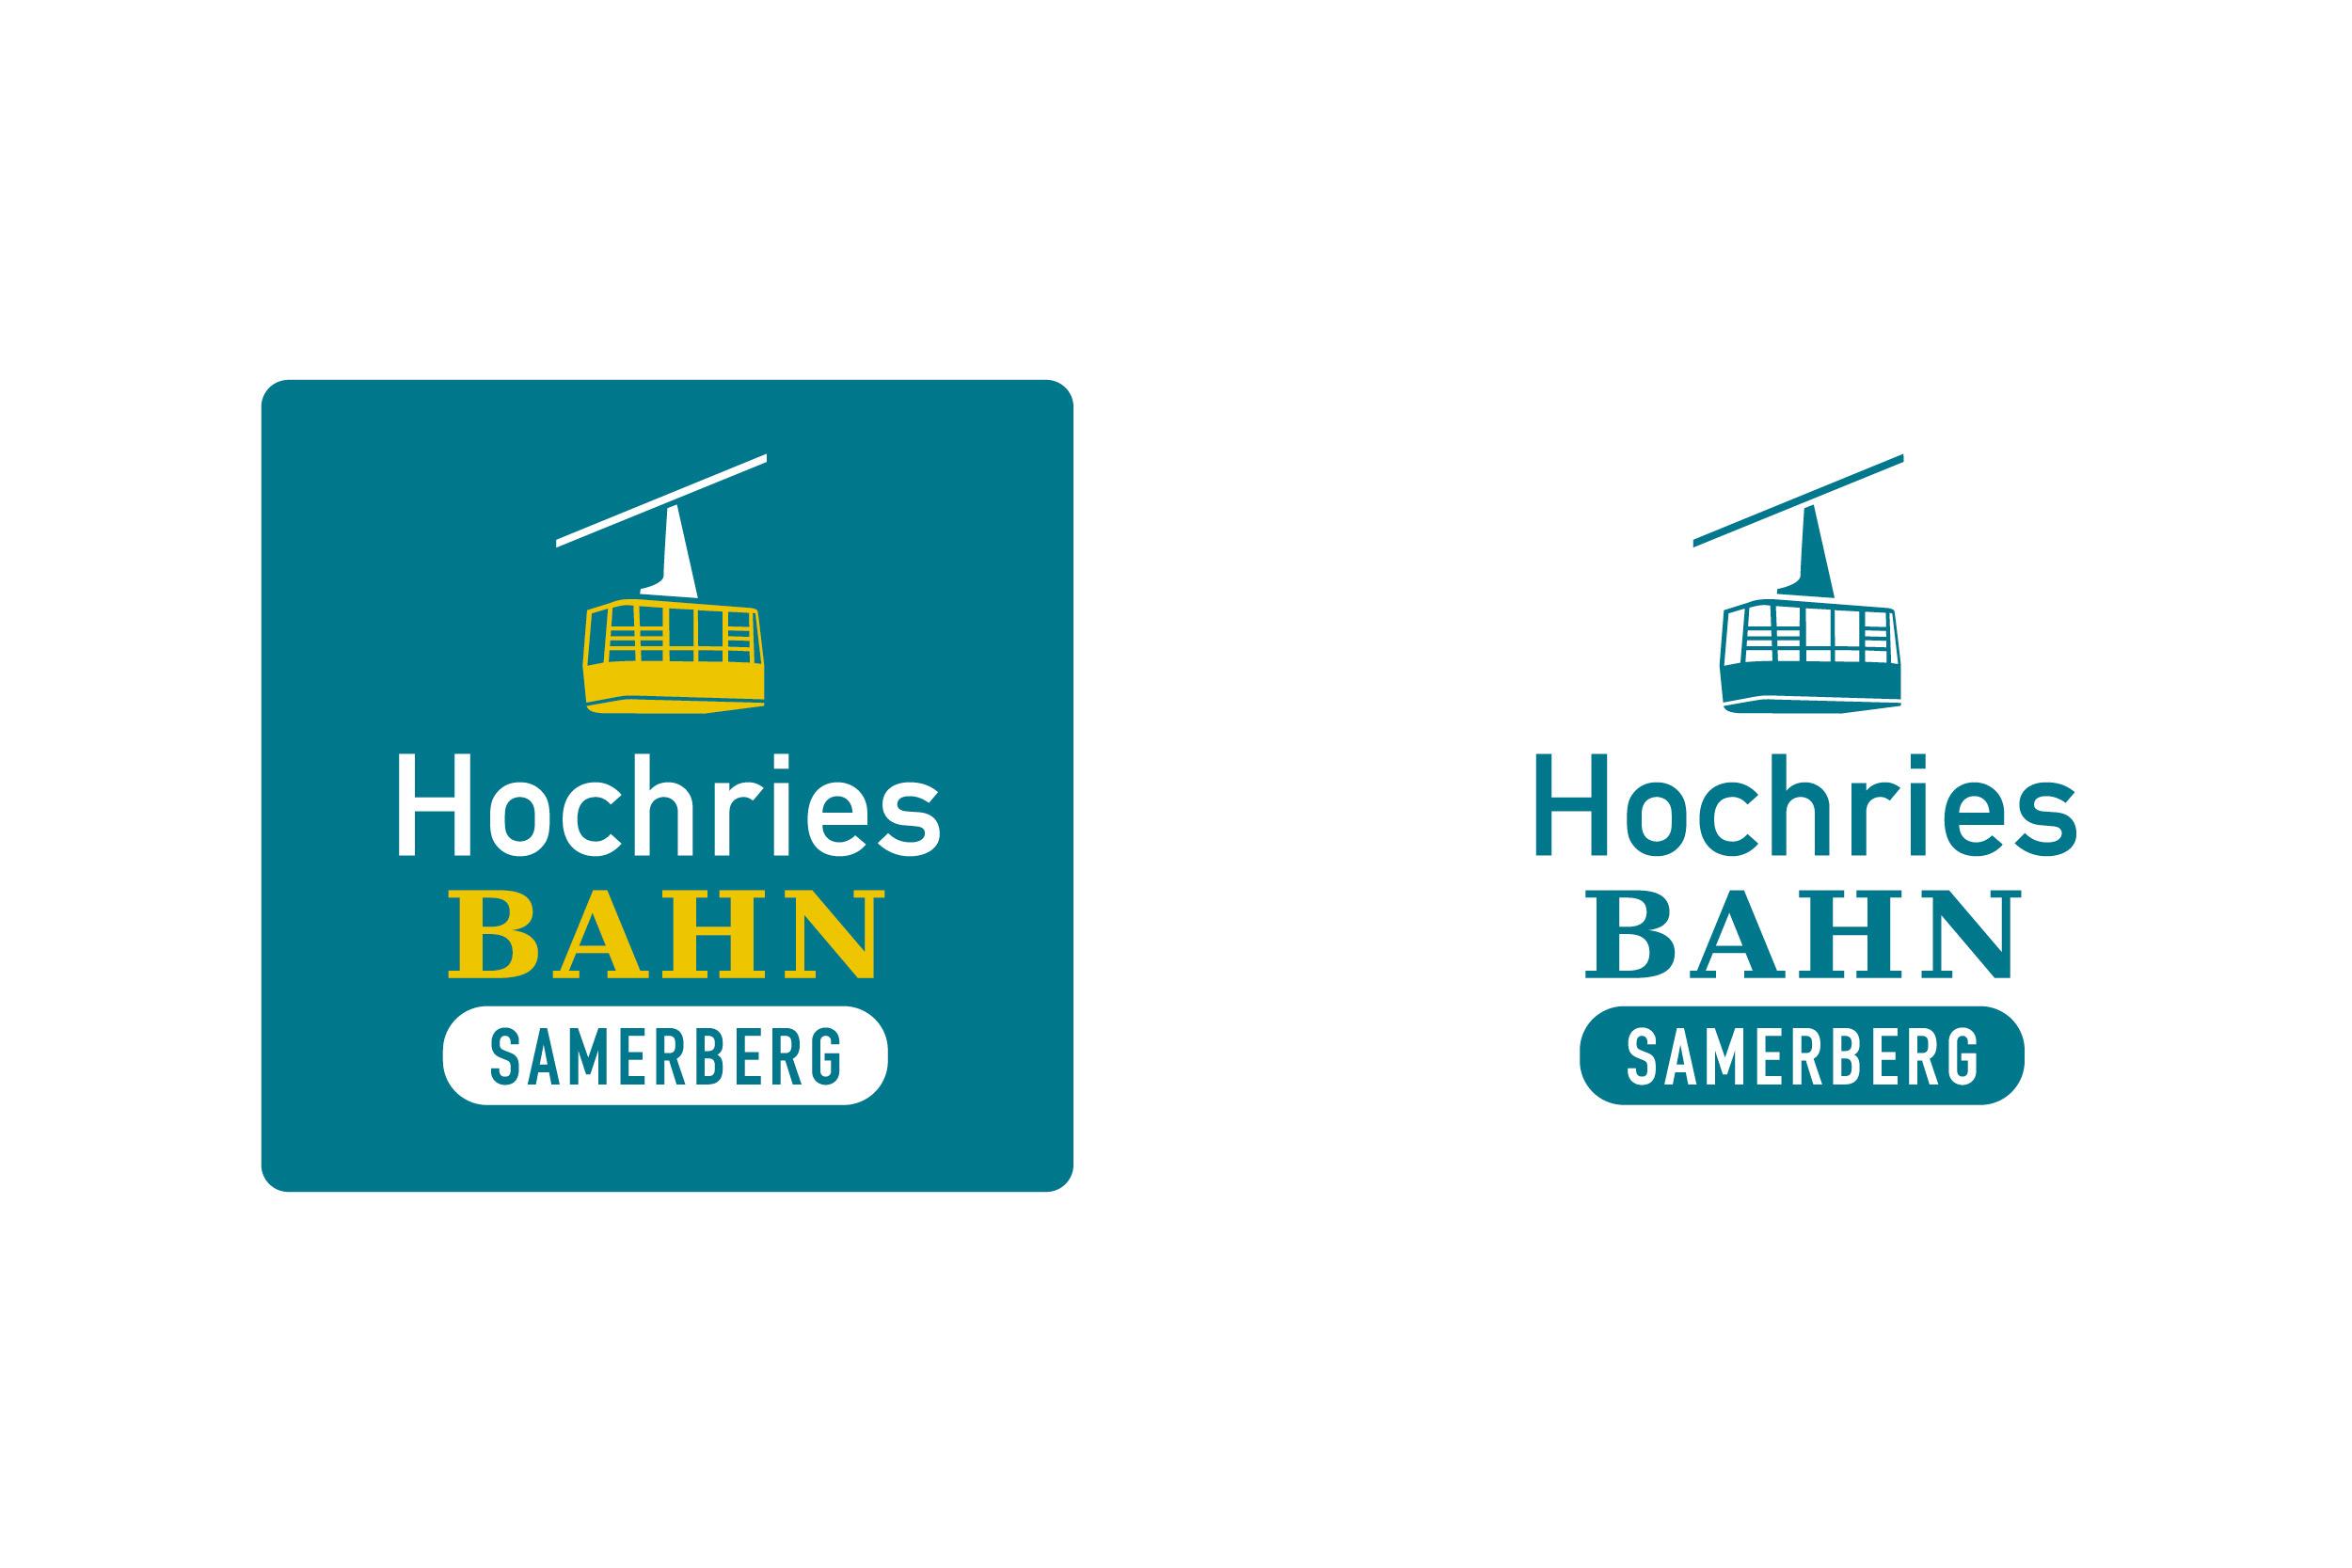 Hochriesbahn Zusammenstellung5